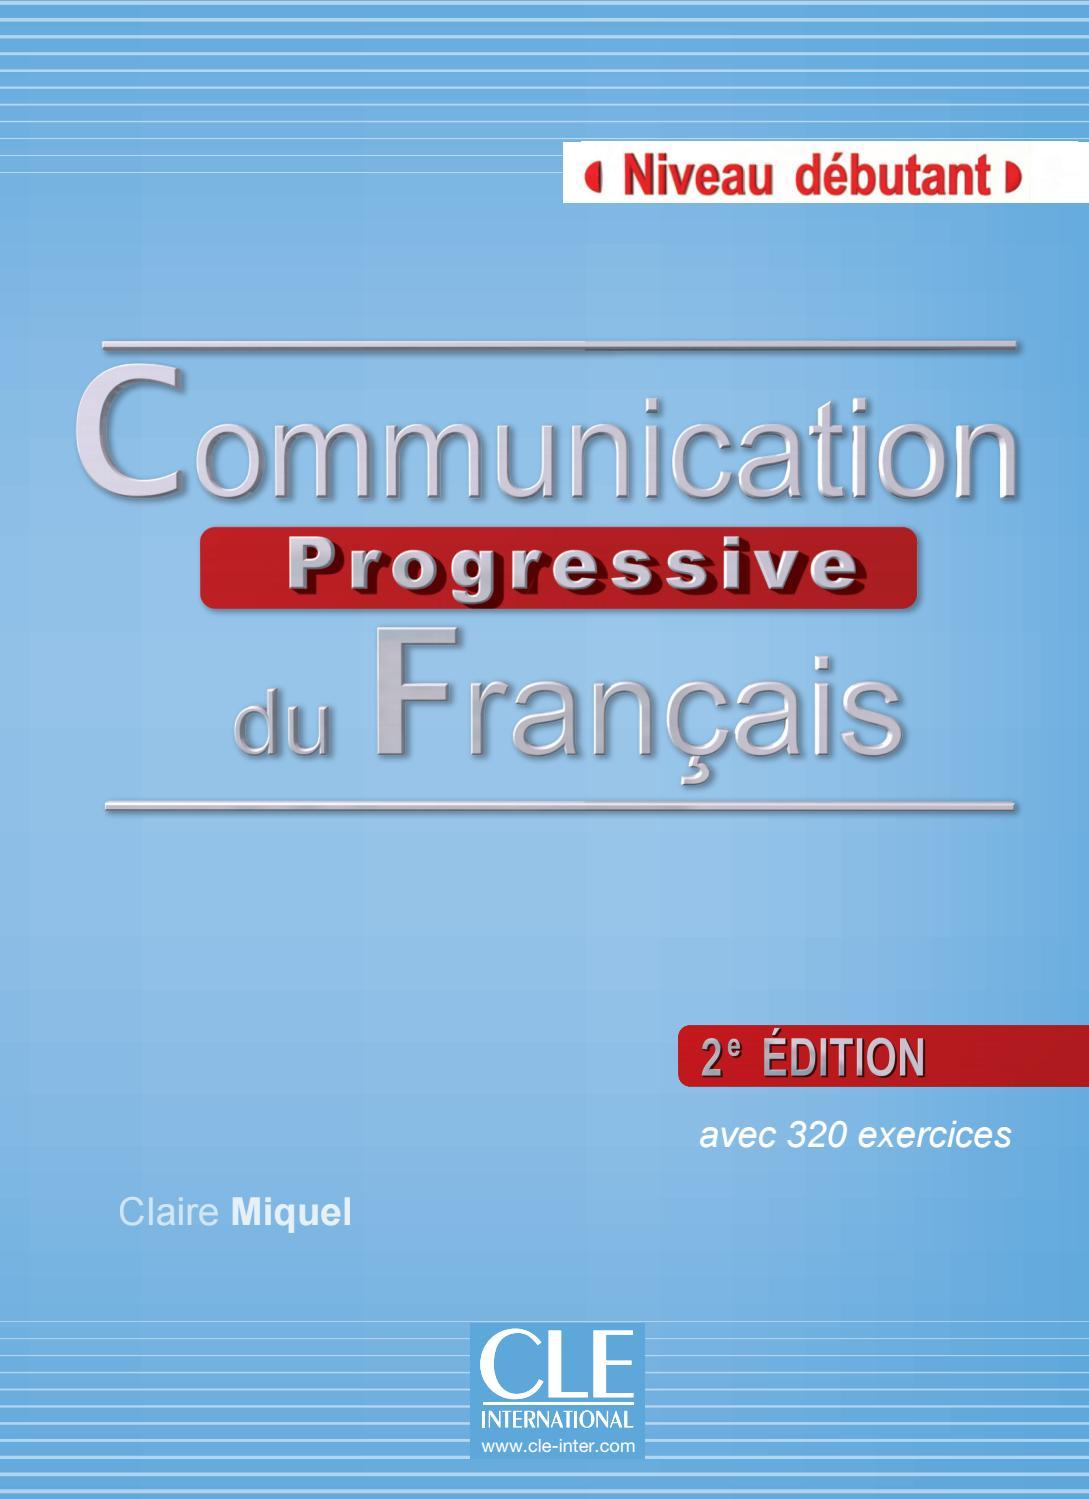 communication progressive du fran u00e7ais d u00e9butant by cle